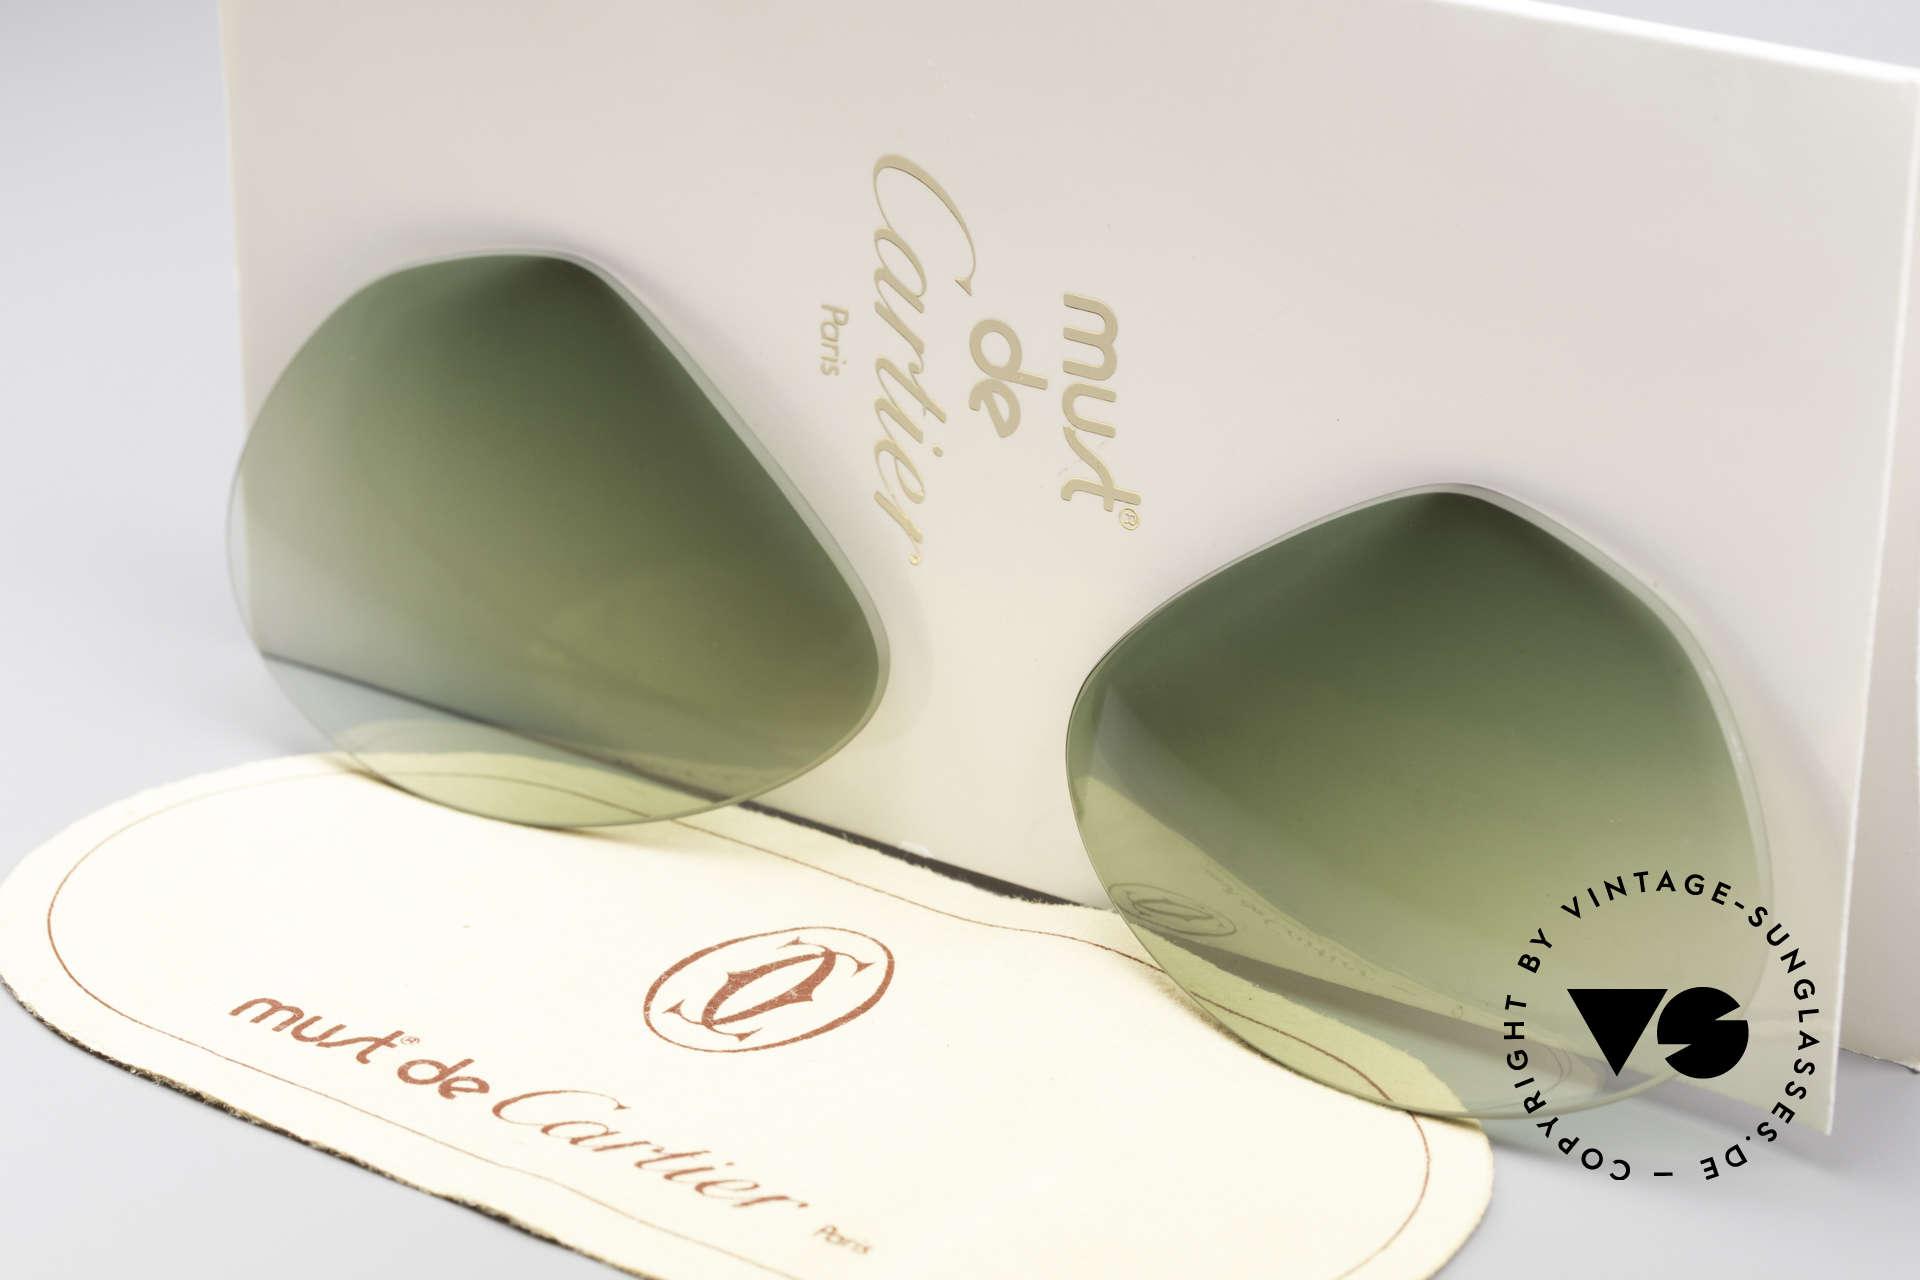 Cartier Vendome Lenses - L Sonnengläser Grün Verlauf, neue CR39 UV400 Kunststoff-Gläser (100% UV Schutz), Passend für Herren